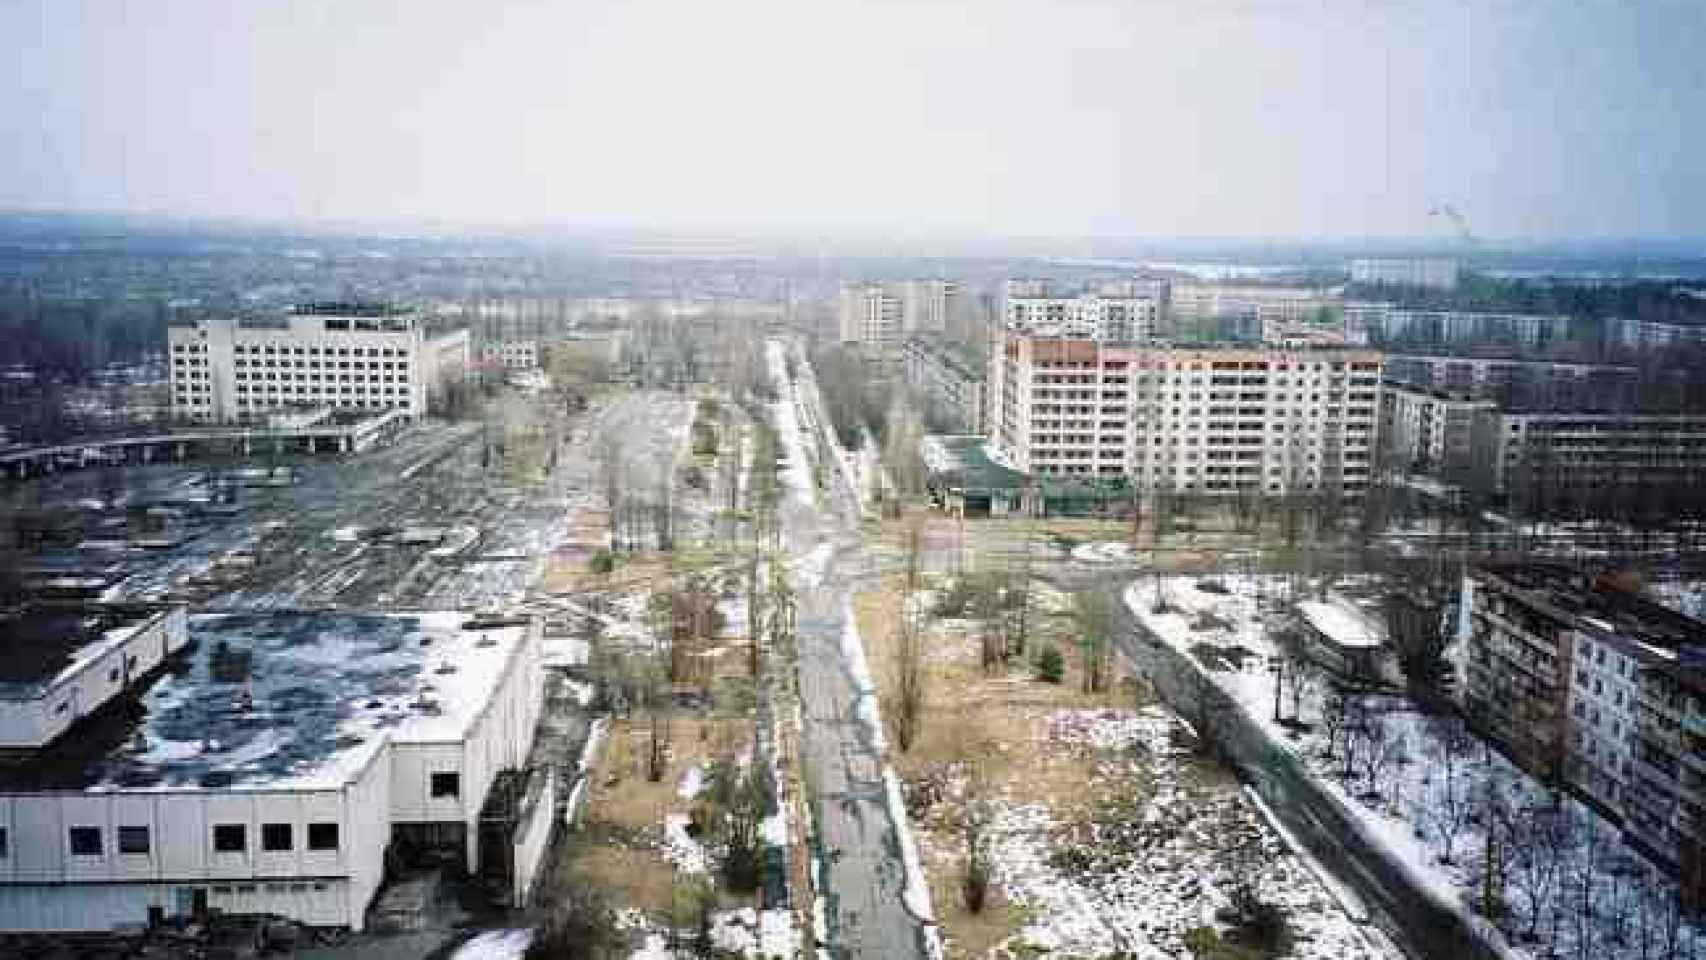 Ciudad de Prípiat, donde residían los trabajadores de Chernóbil.